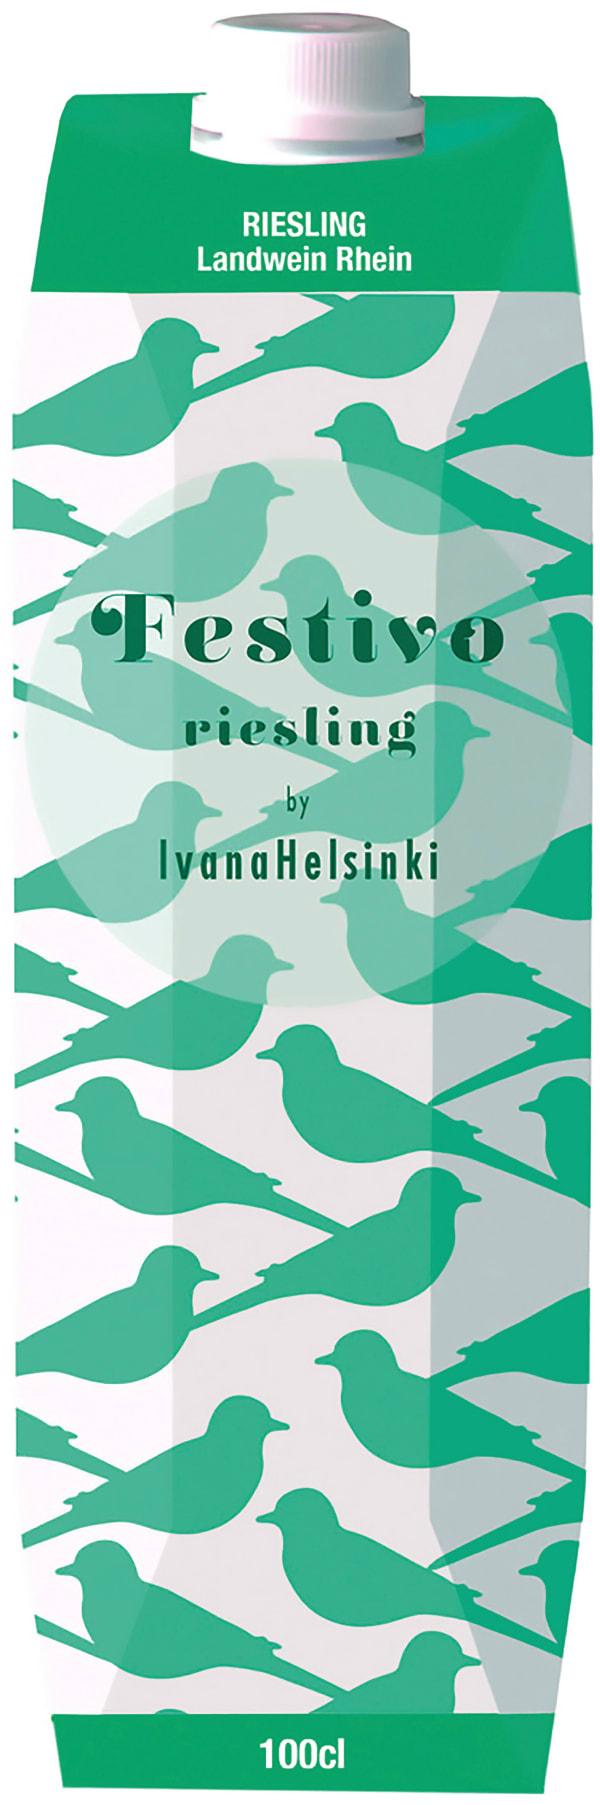 Festivo Riesling kartongförpackning